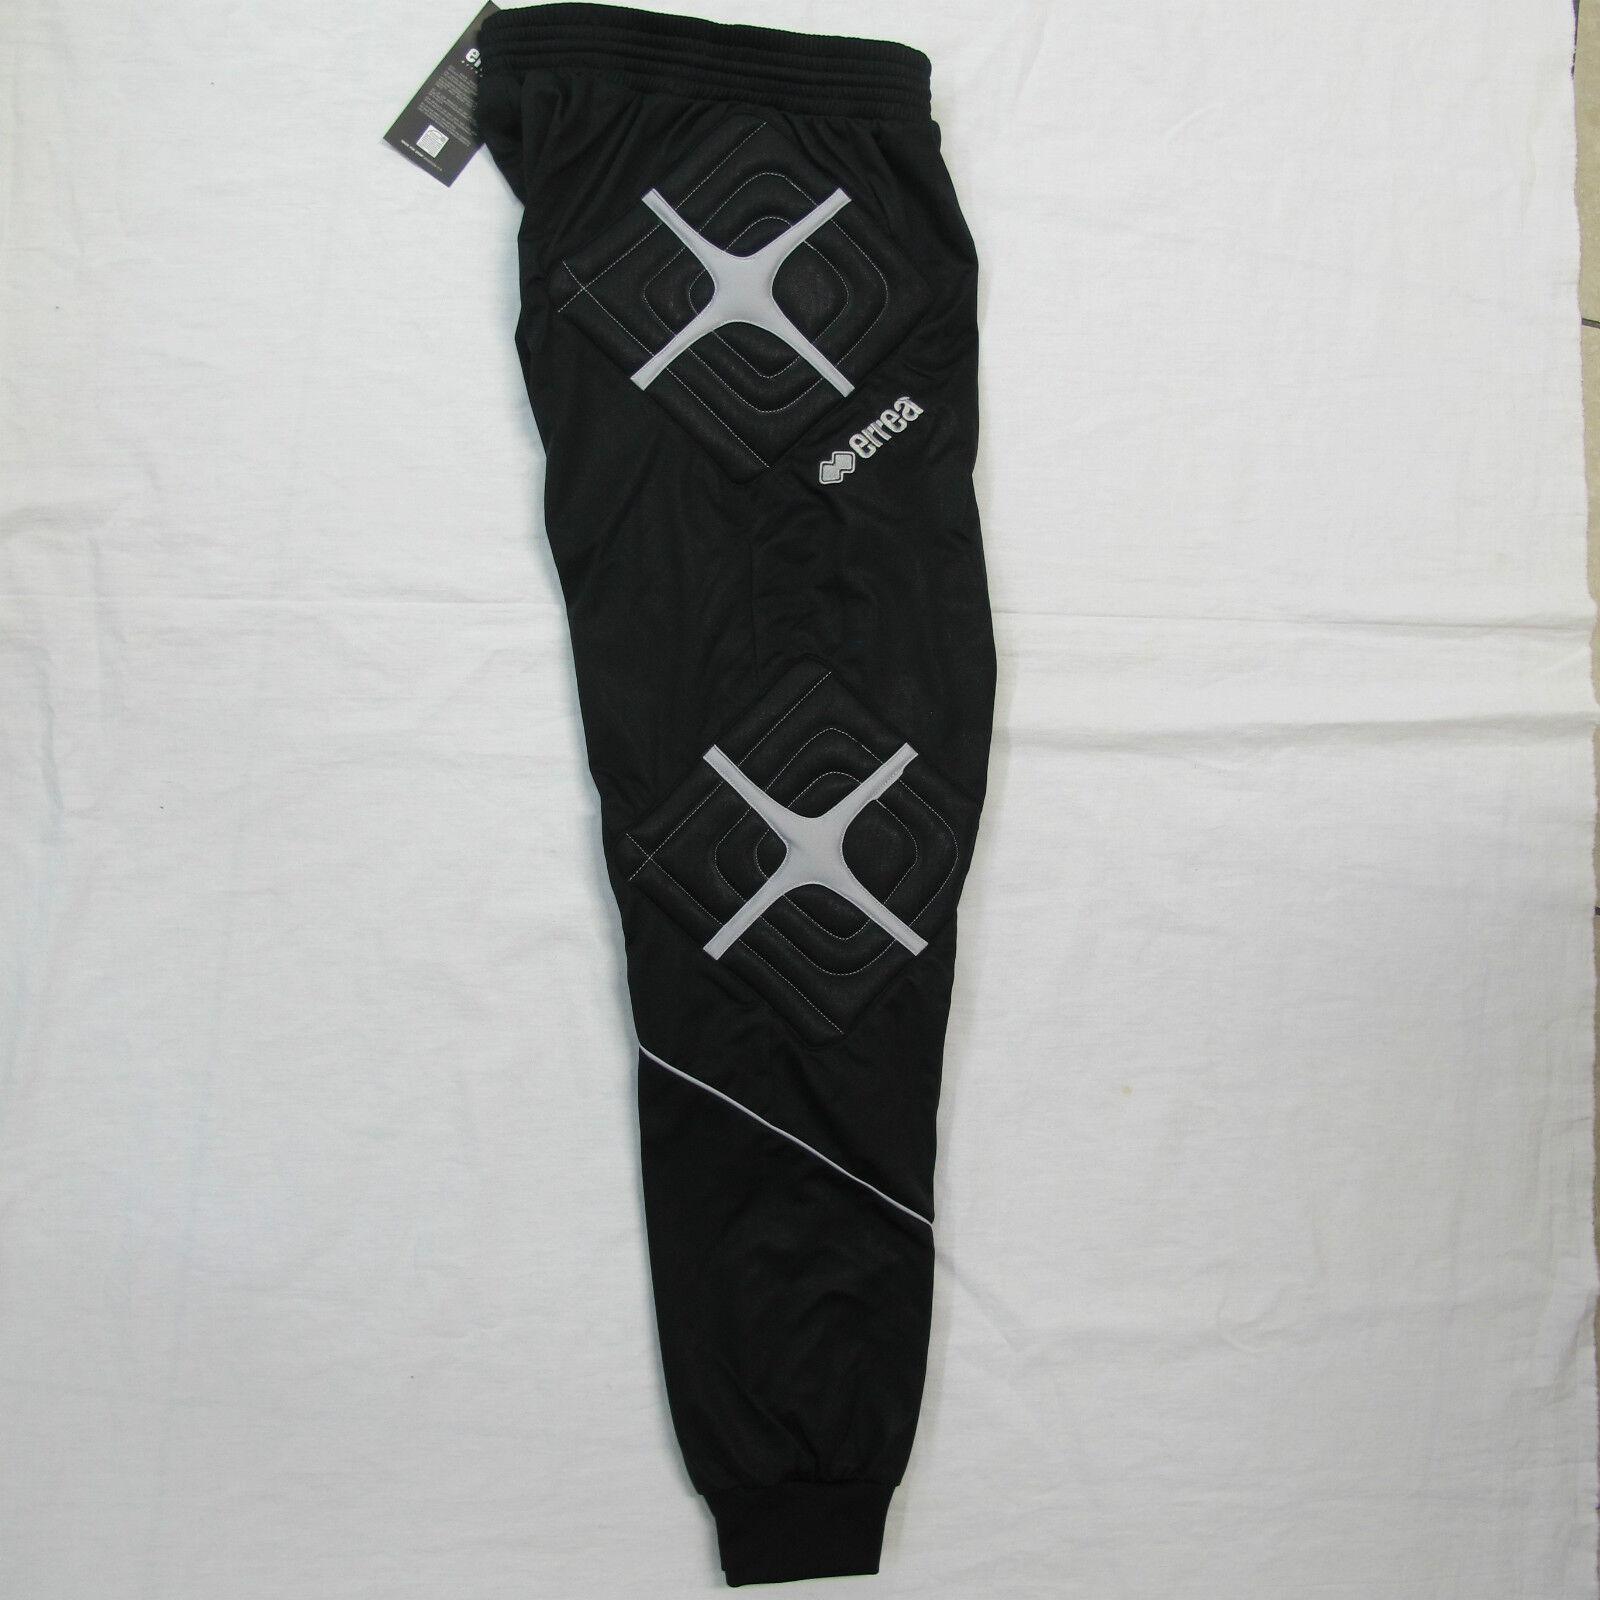 ERREA' pantaloni lunghi portiere portiere lunghi mod.HYDRON col.NERO tg.M 41bcaf